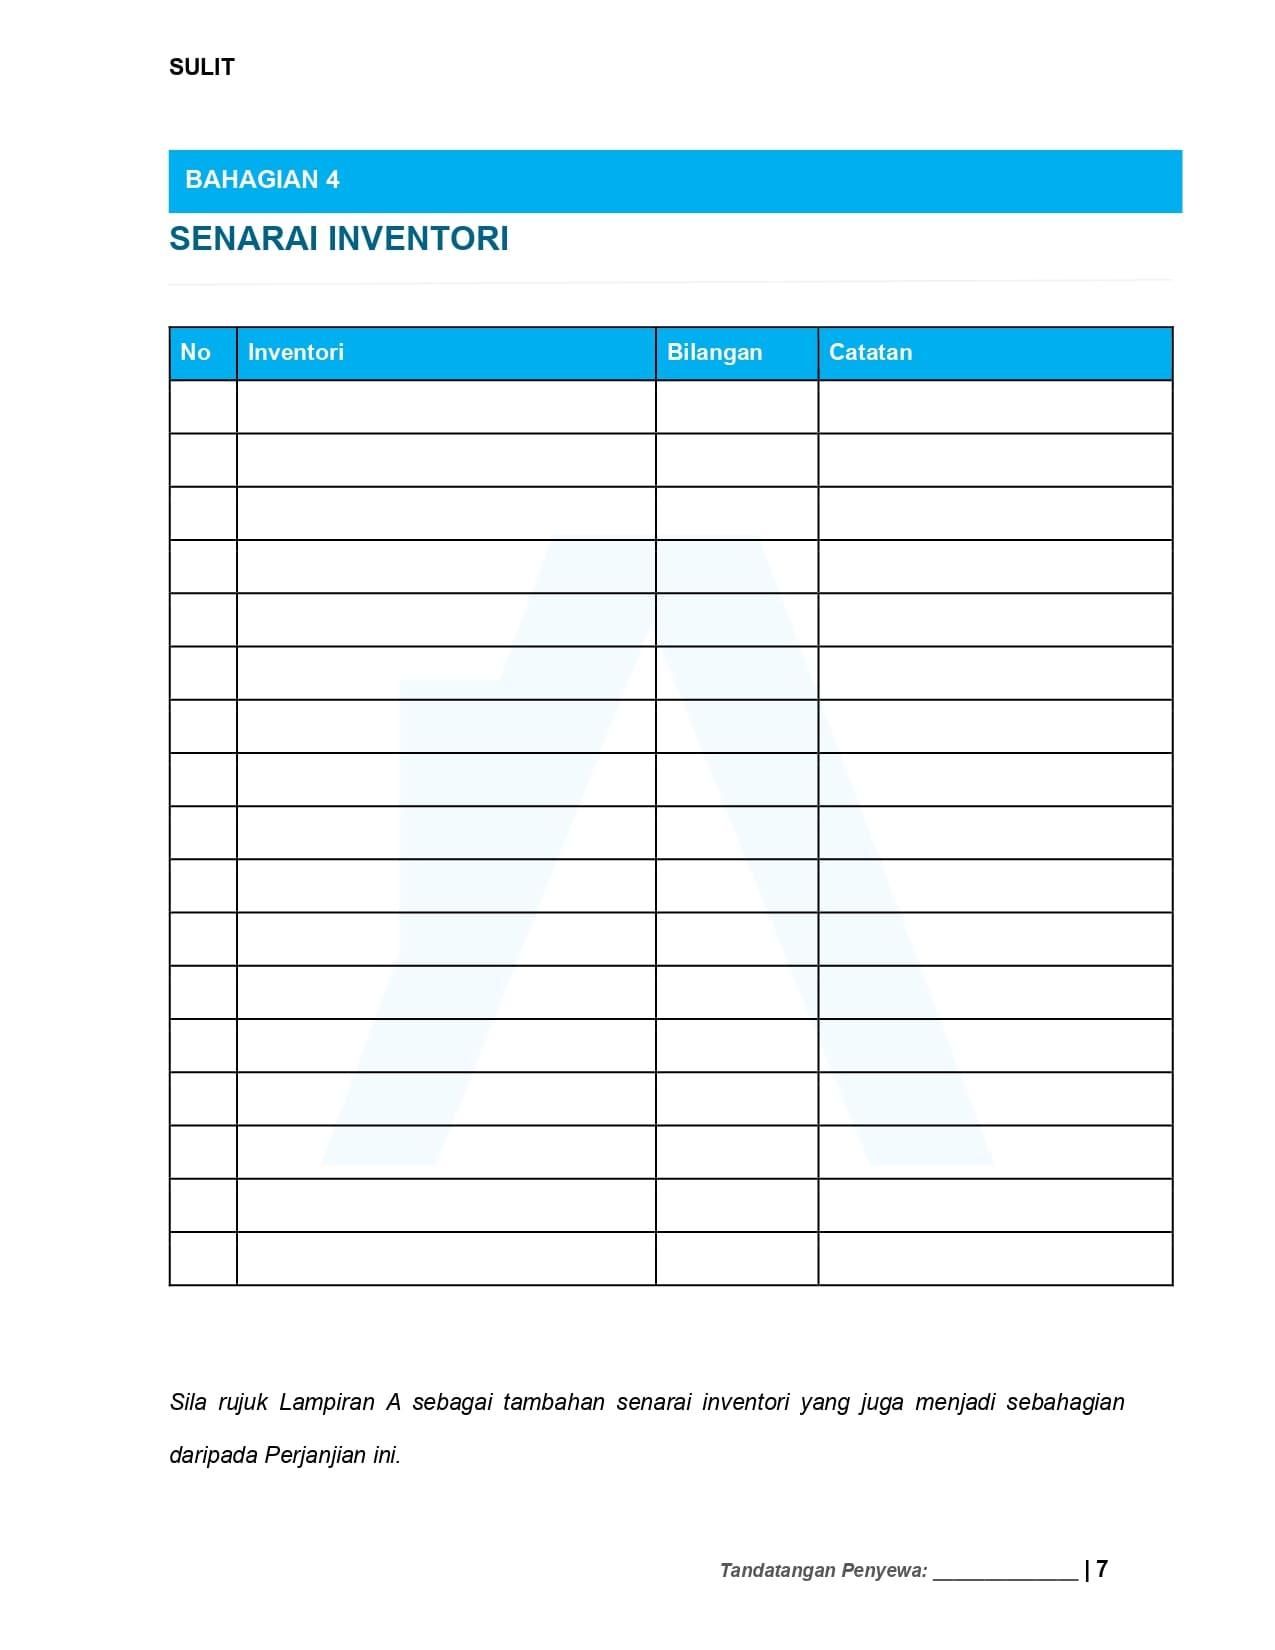 Senarai Inventori  - Contoh Surat Perjanjian Sewa Rumah 2021 | Tenancy Agreement Malaysia